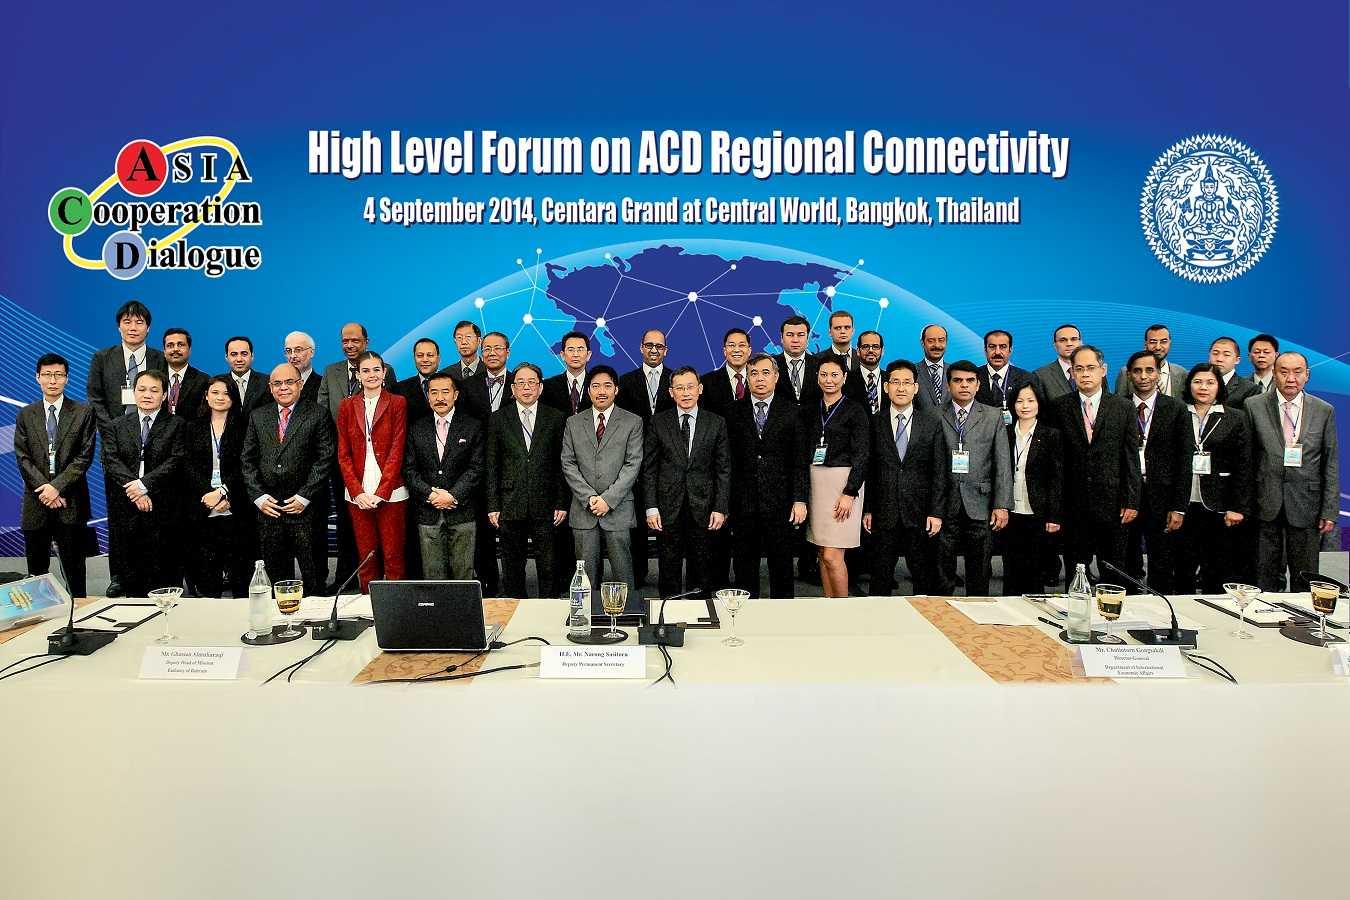 Các đại biểu tham dự Hội nghị Bộ trưởng Đối thoại Hợp tác Châu Á ACD năm 2014